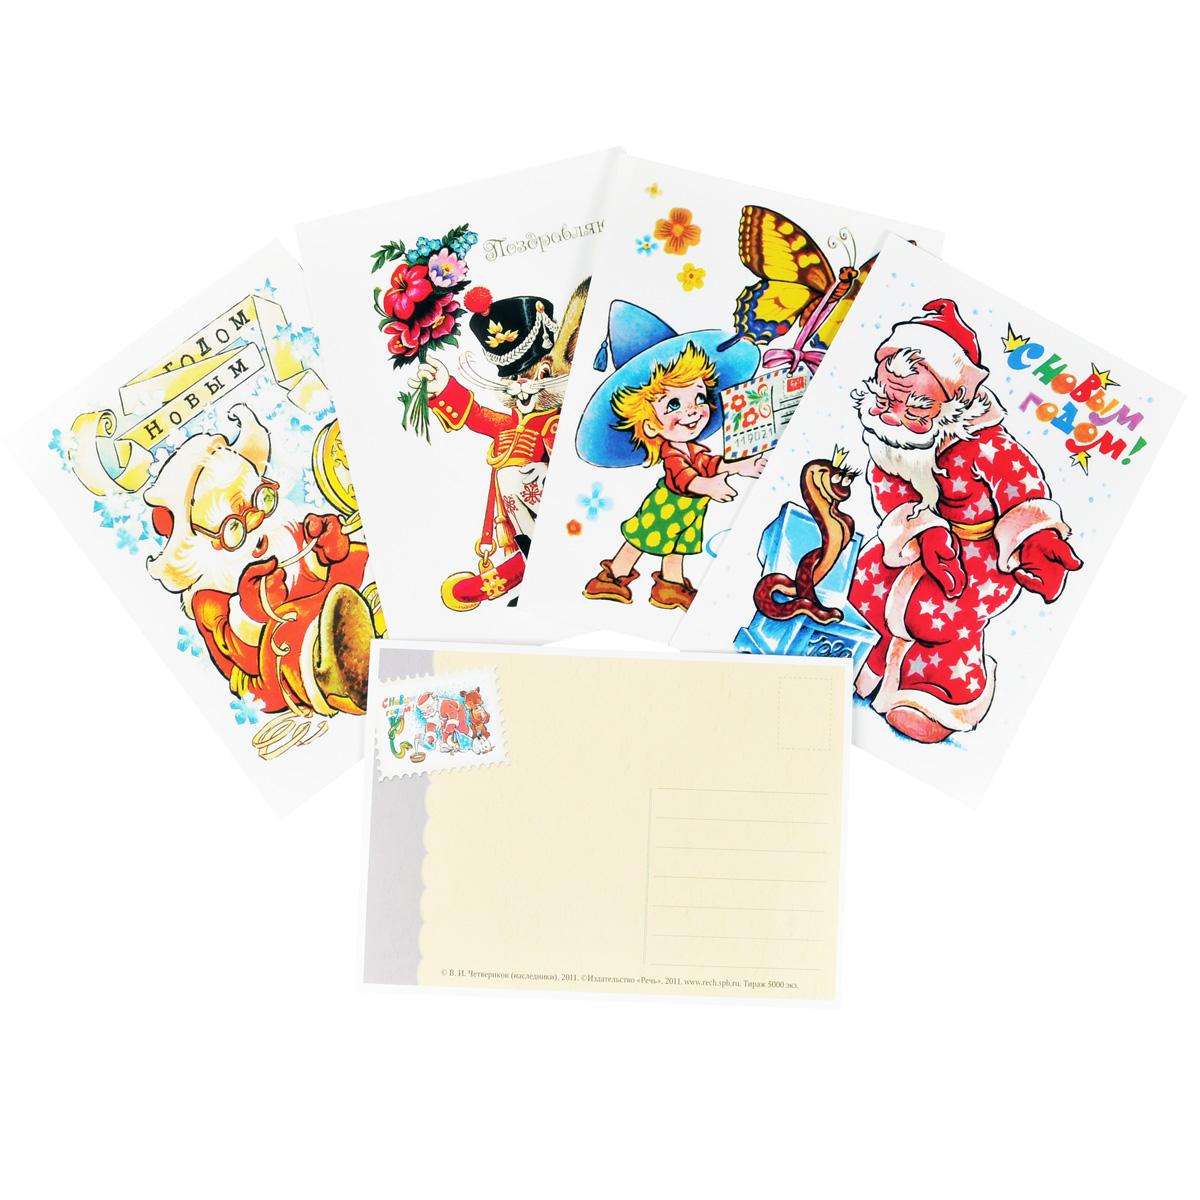 Рождество у крестной. Подарок для Снегурочки. Праздник каждый день (комплект из 2 книг и набора открыток)